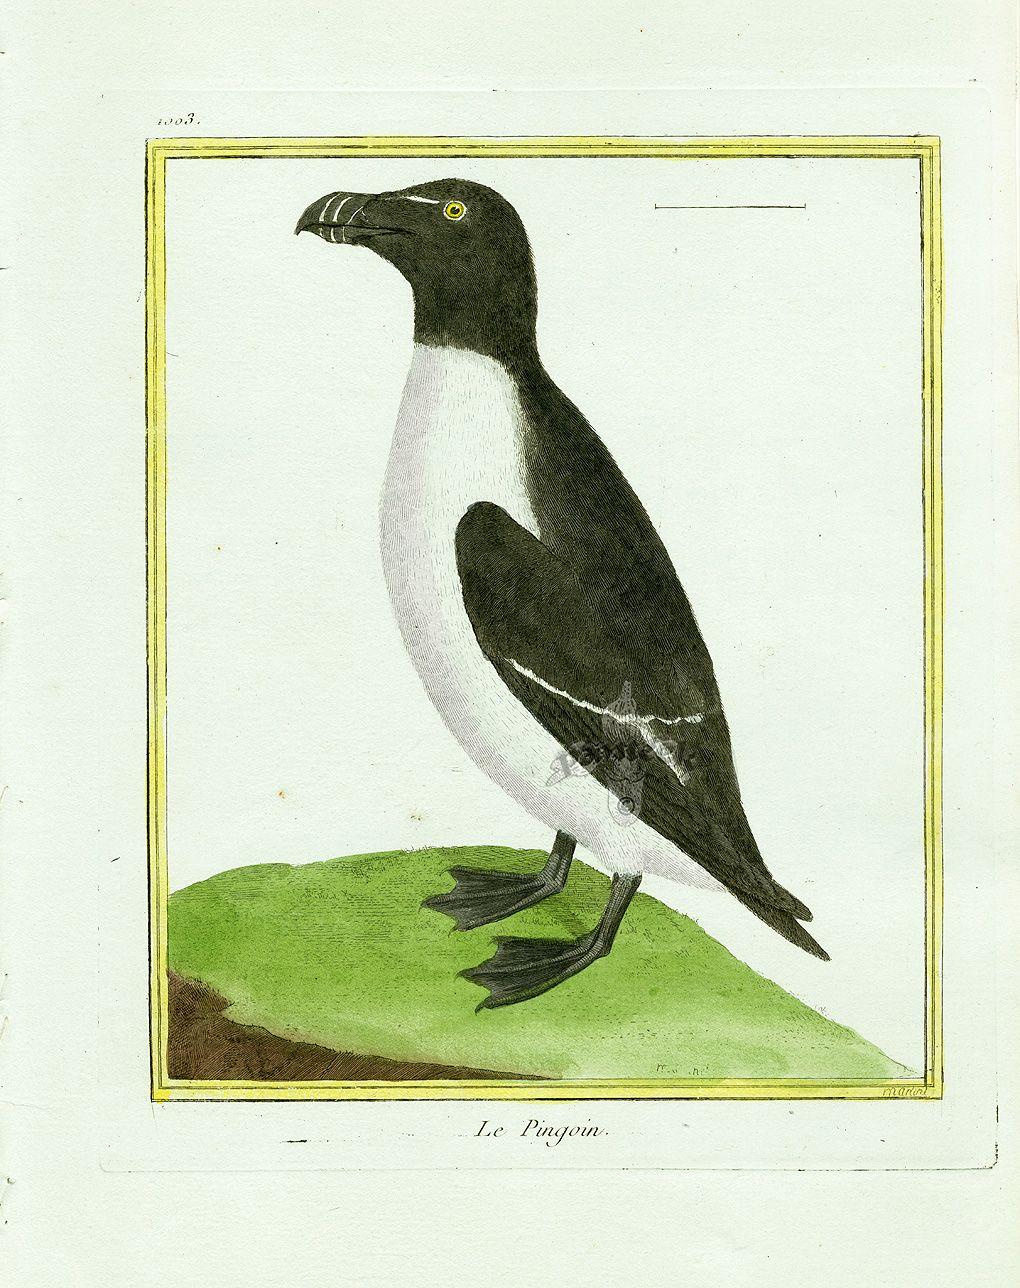 Martinet c1770's: Pingouin Razorbill